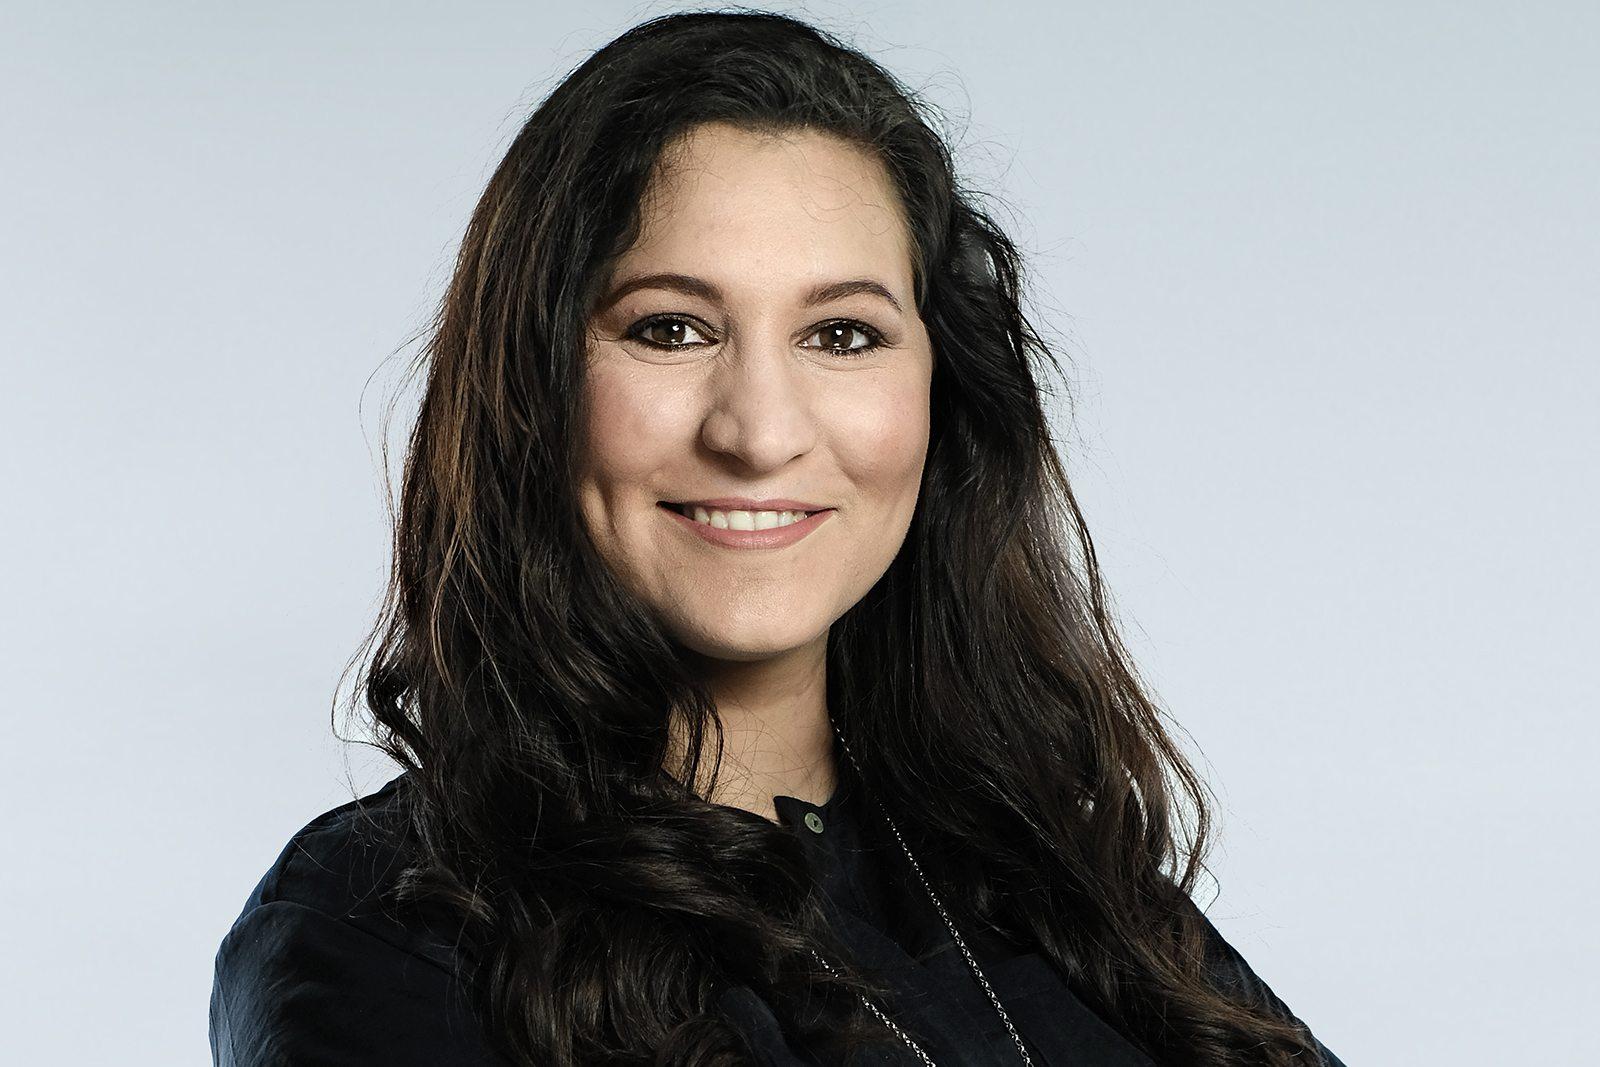 Giuseppina Jahn